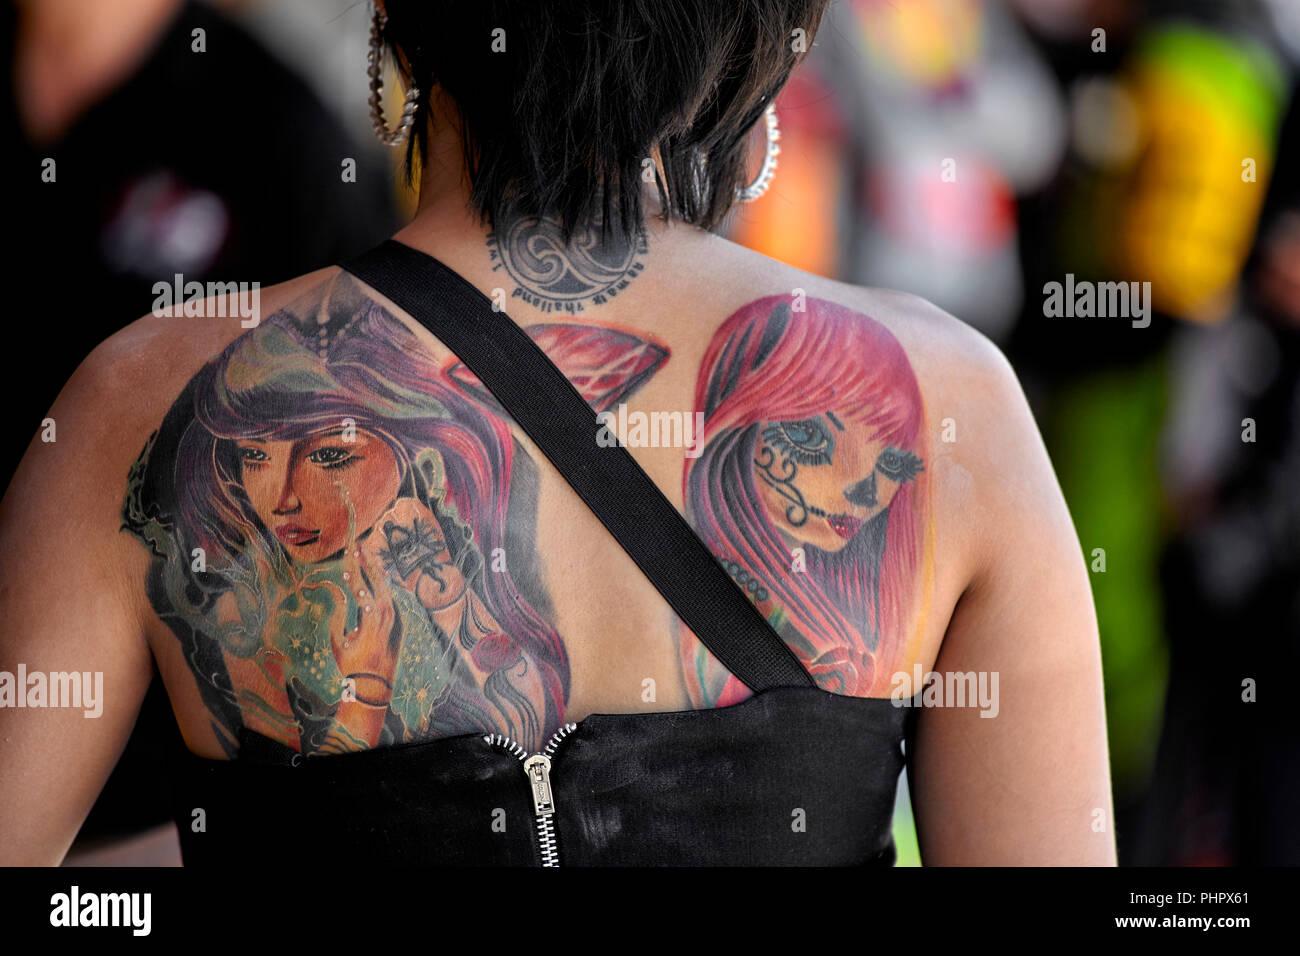 Frau Mit Einem Tattoo Auf Dem Rücken Stockfoto Bild 217477065 Alamy